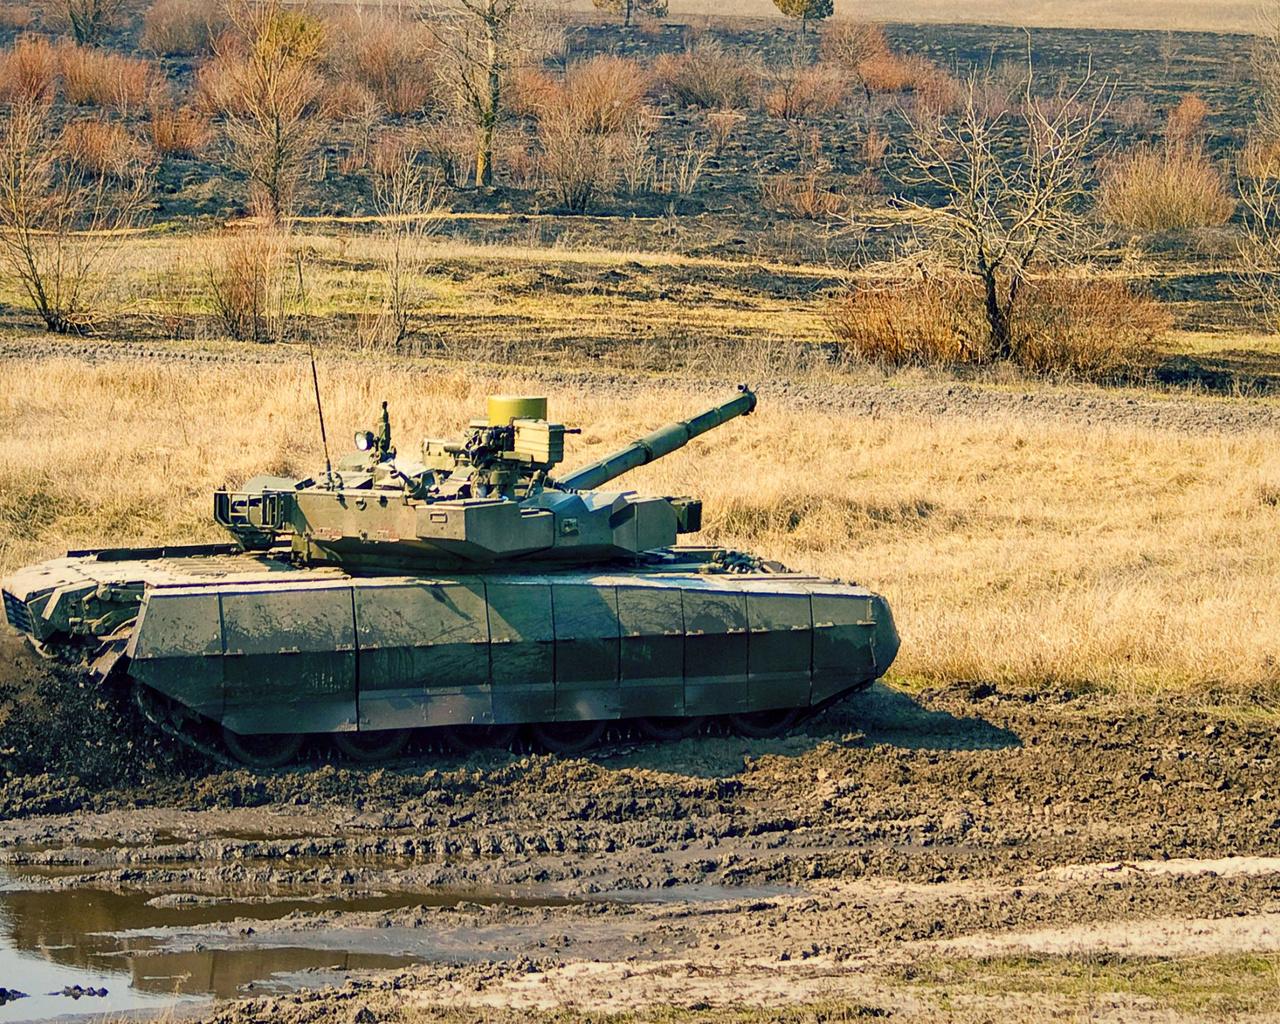 оплот-м, обт, броня, мощь, украина, новое, оружие, супер, танк, защита, оплот, консервная банка